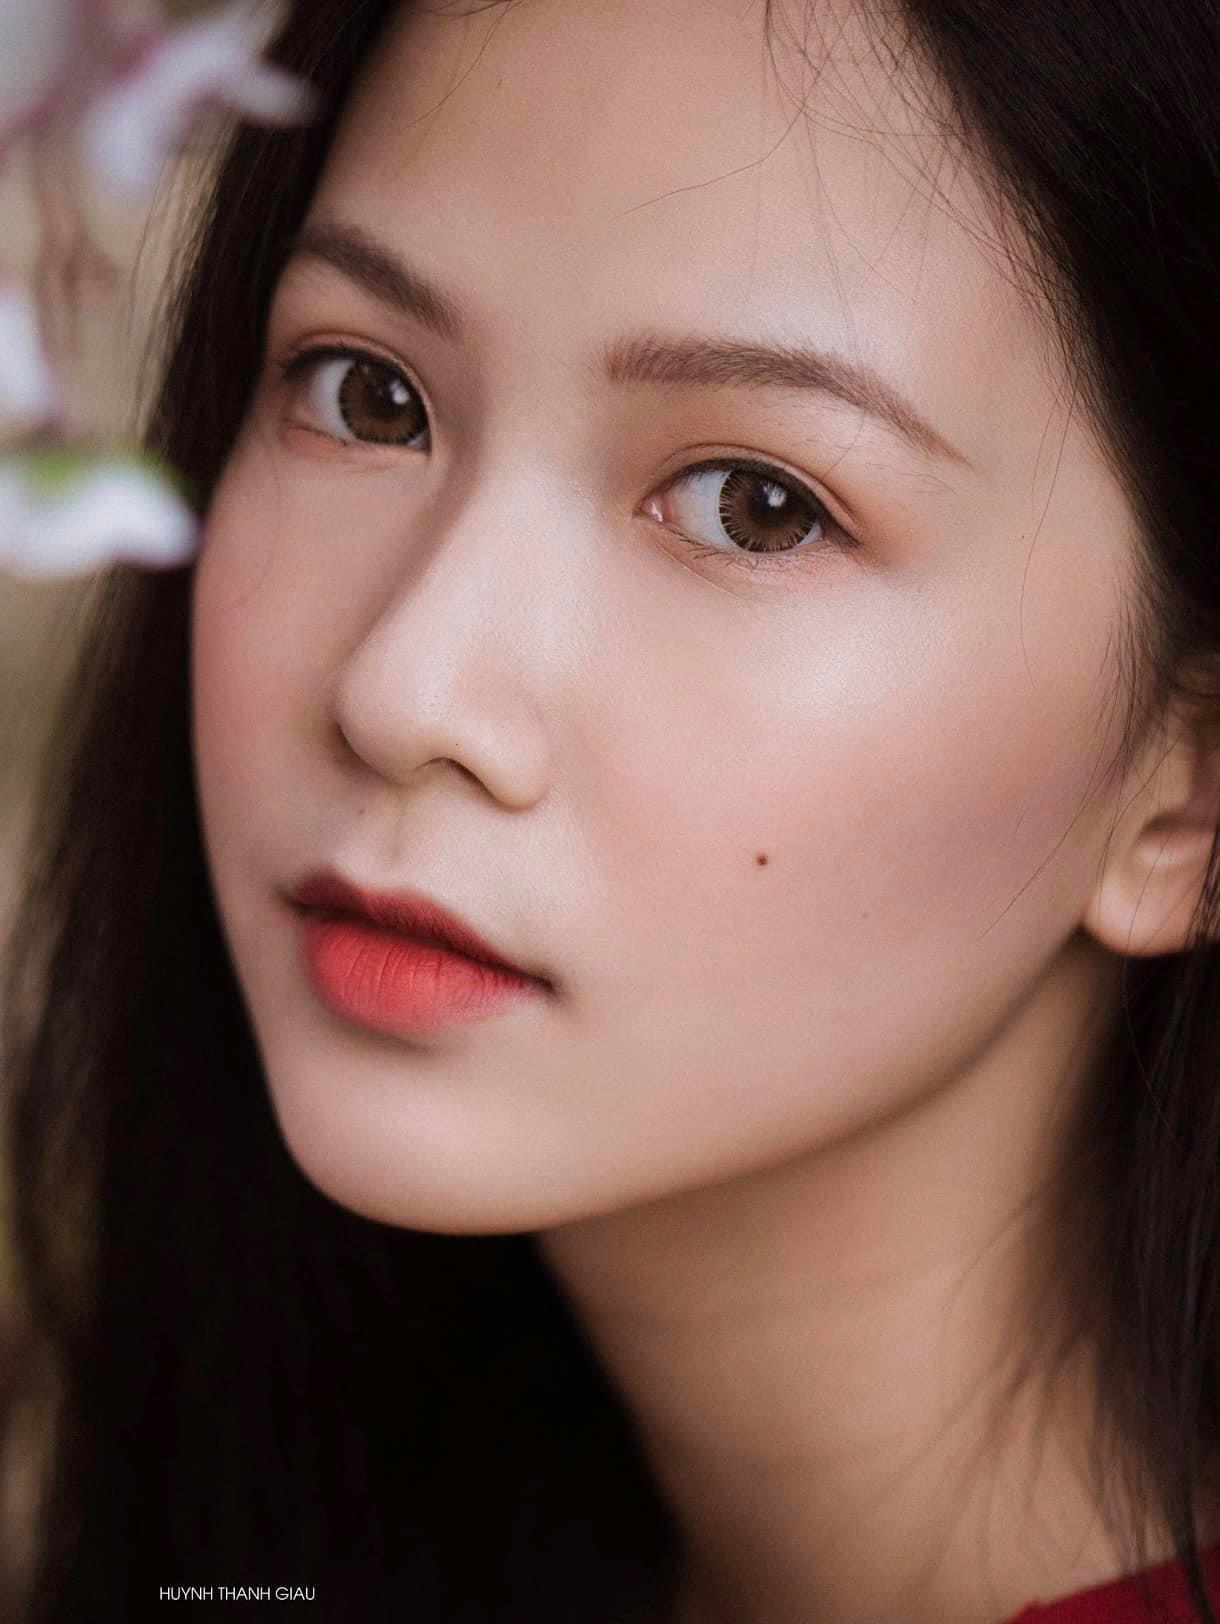 Ảnh cấp 3 cực xinh đẹp của 'Người đẹp có làn da đẹp nhất' Hoa hậu Việt Nam 2020 ảnh 4